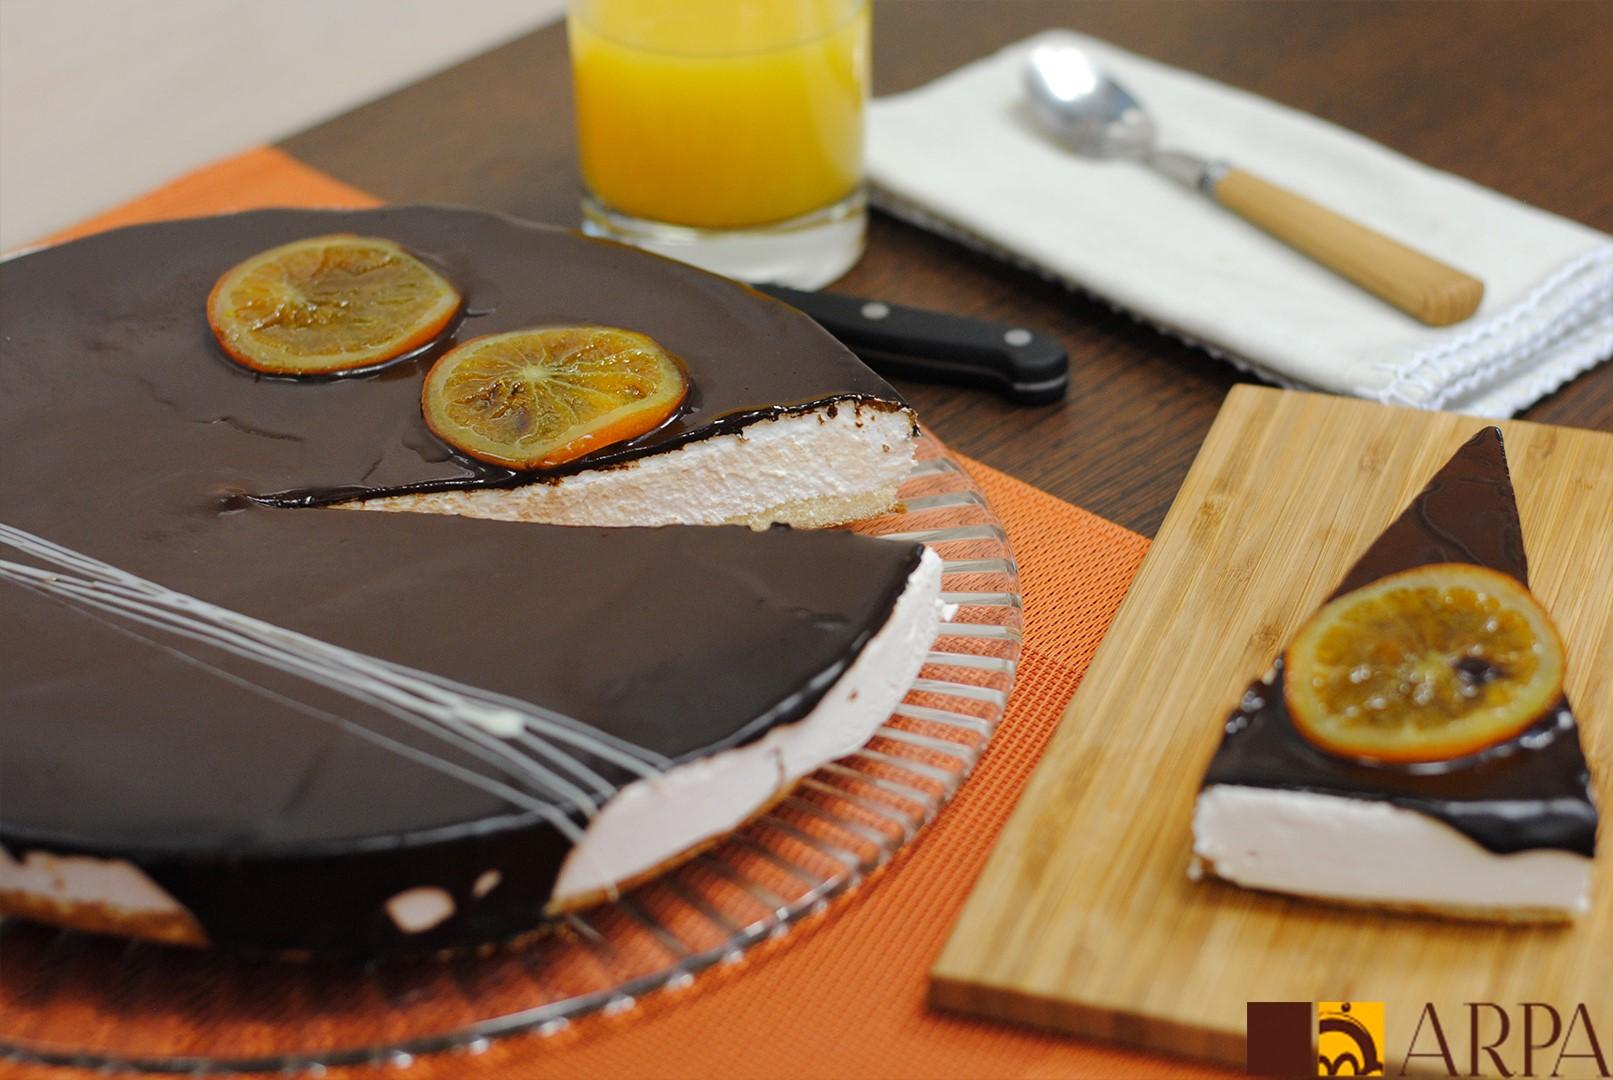 Mousse de naranja elaborado con zumo de naranja natural recubierto de una fina capa de chocolate negro